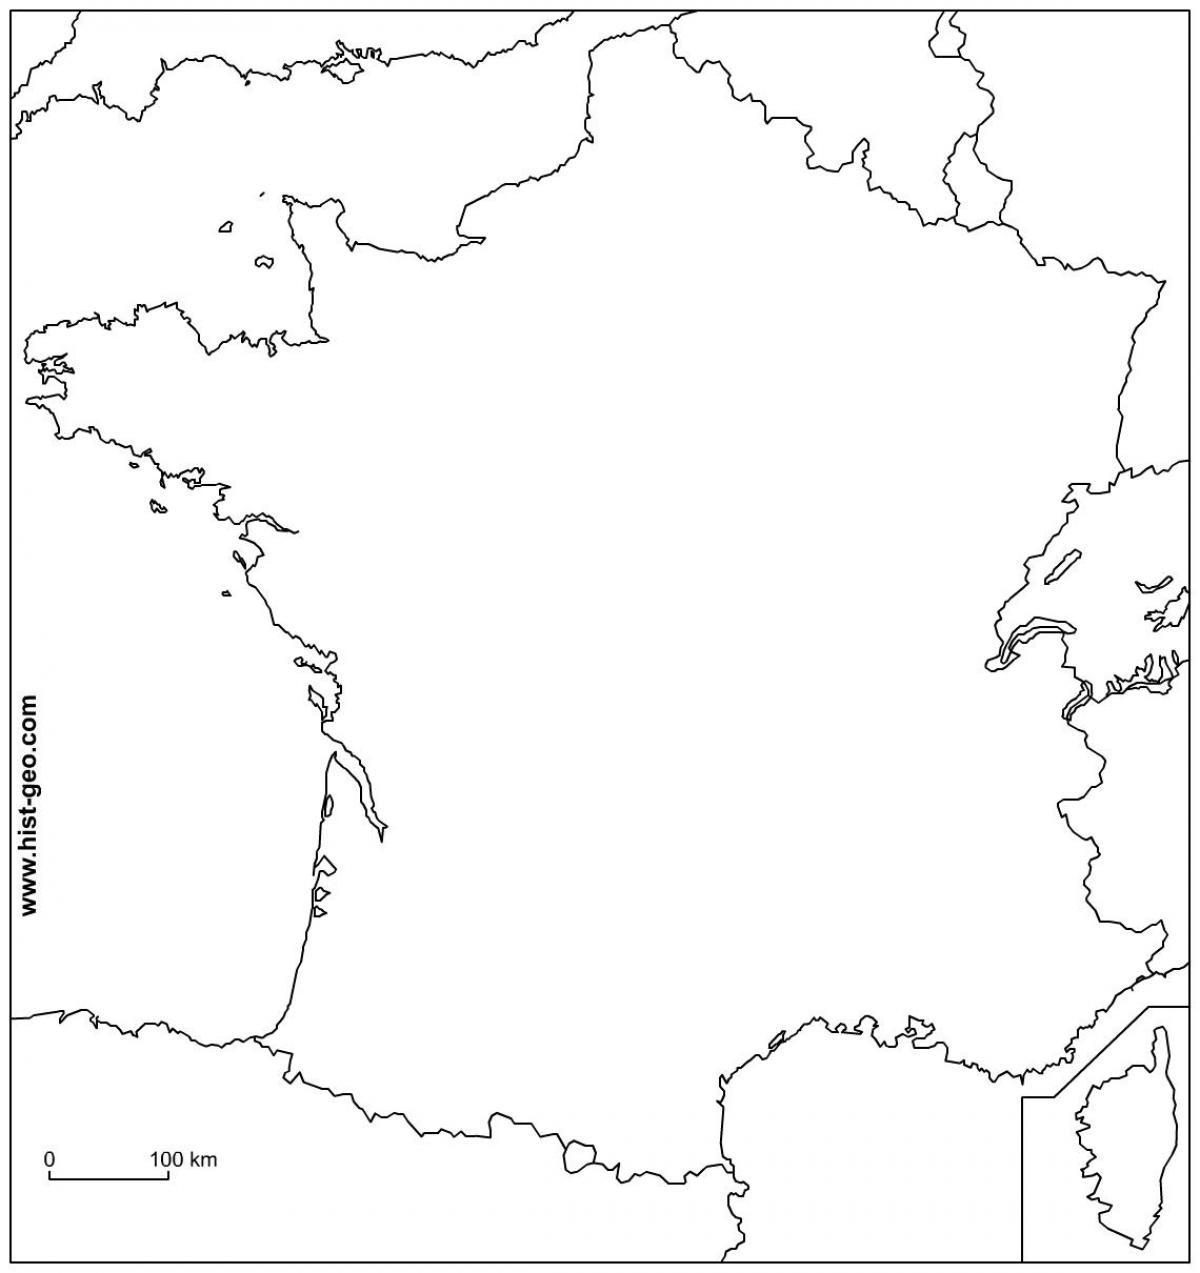 Przeglądowa Mapa Francji Do Wydruku Pusta Mapa Konturowa Francji